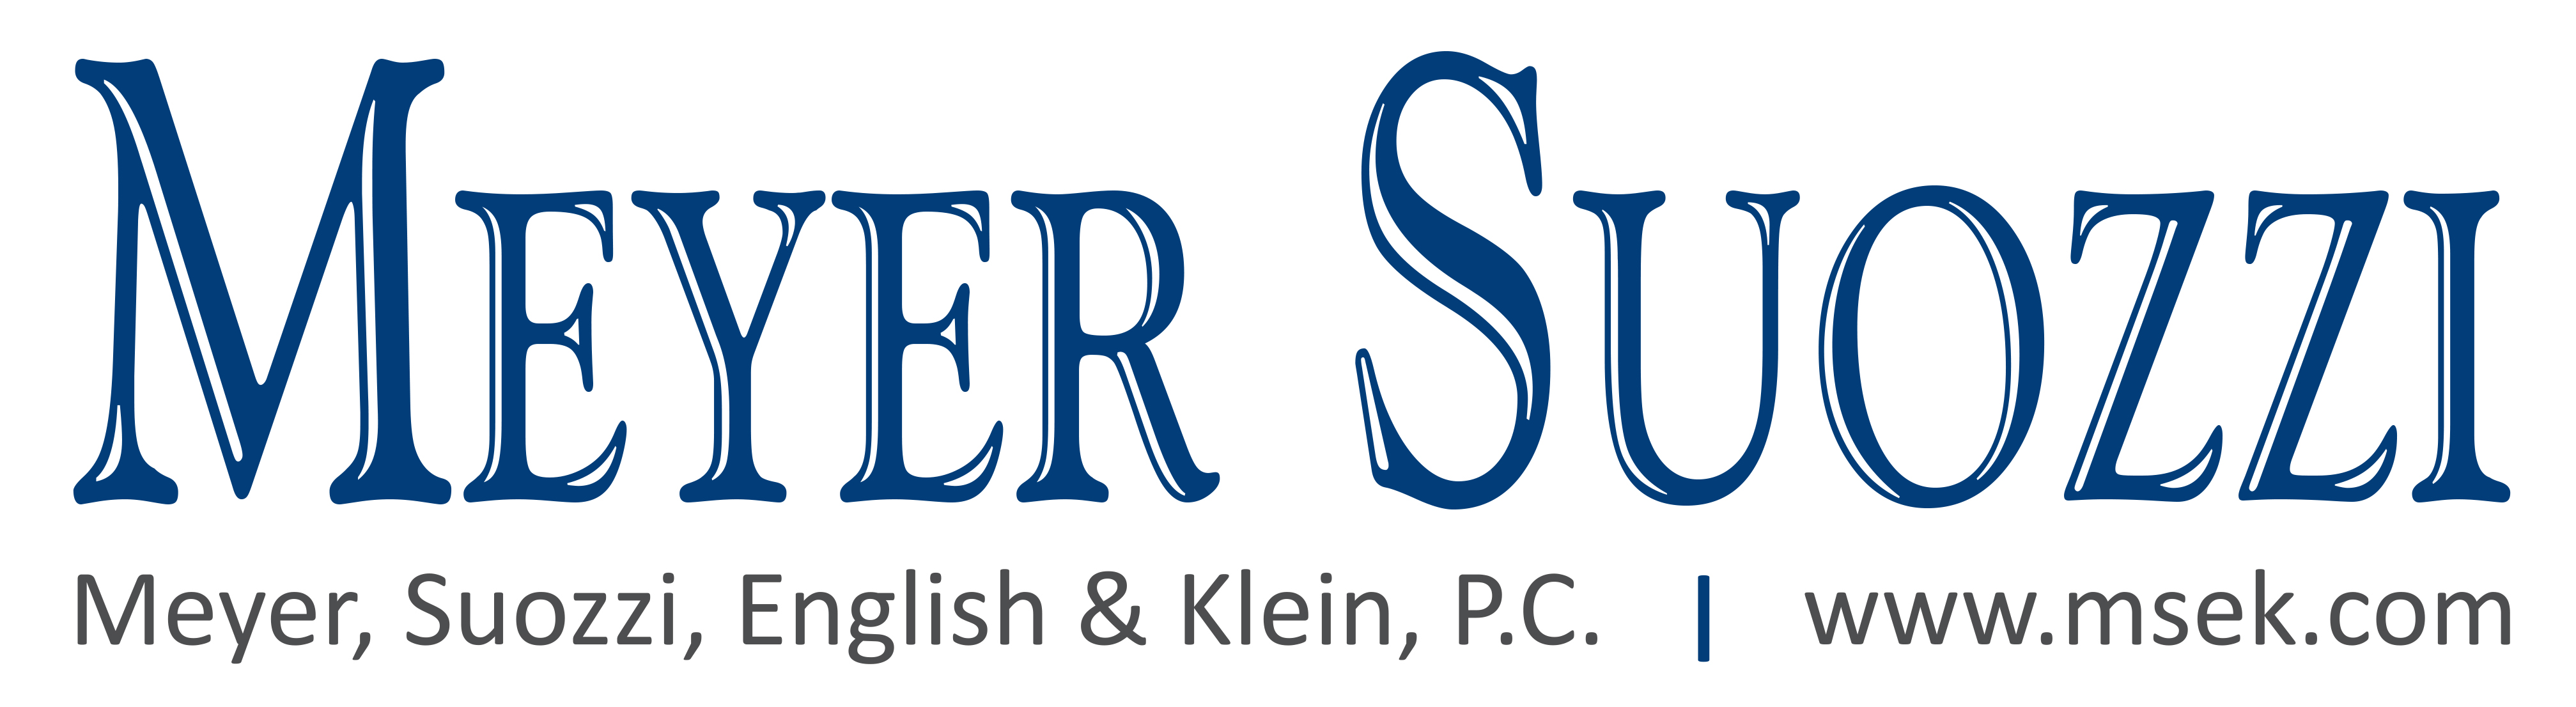 Meyer Suozzi logo